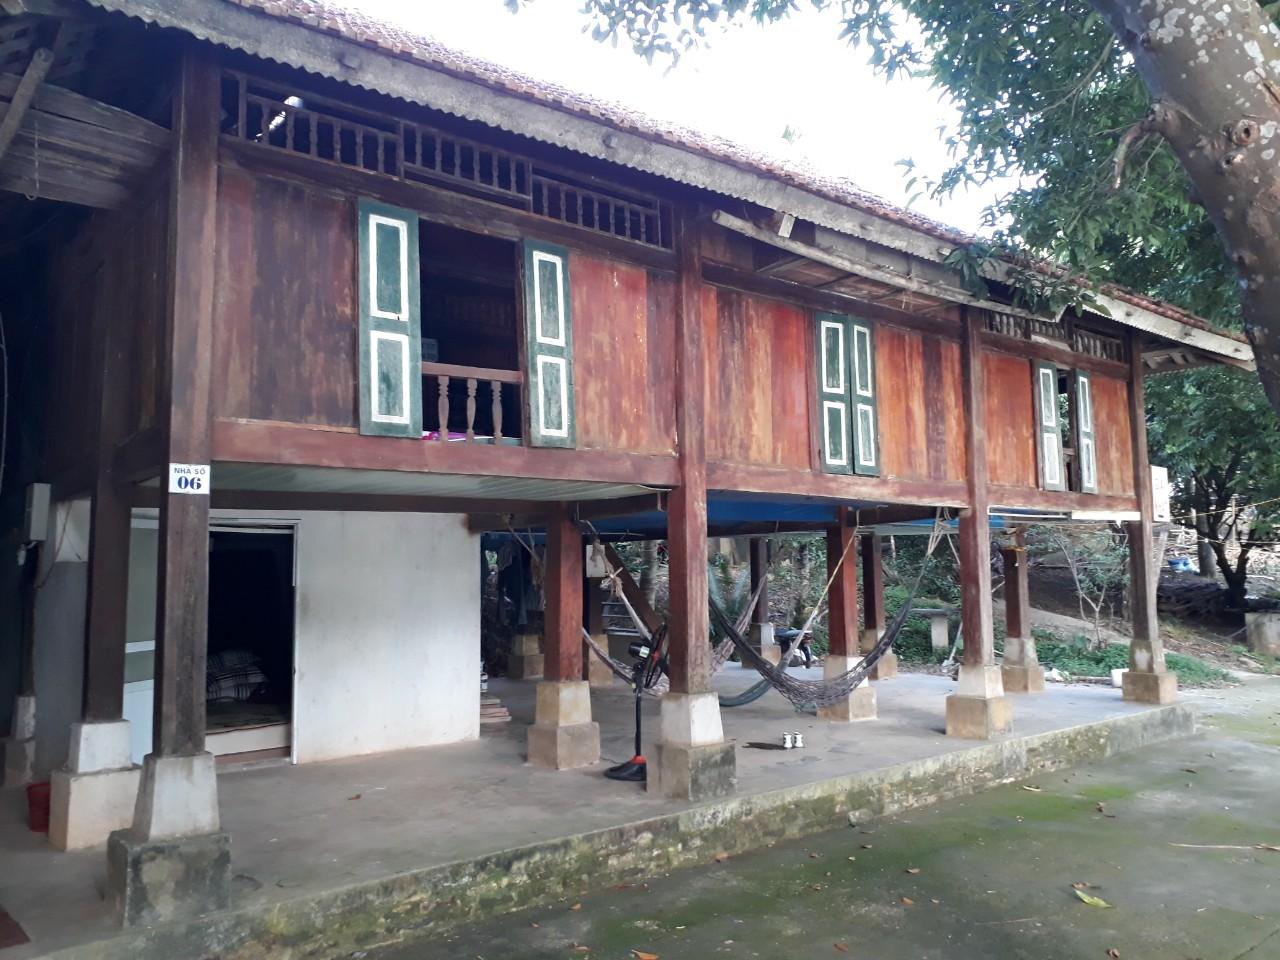 Dịch vụ đặt ăn, nhà sàn, thuê thuyền tại Thung Nai - Hòa bình